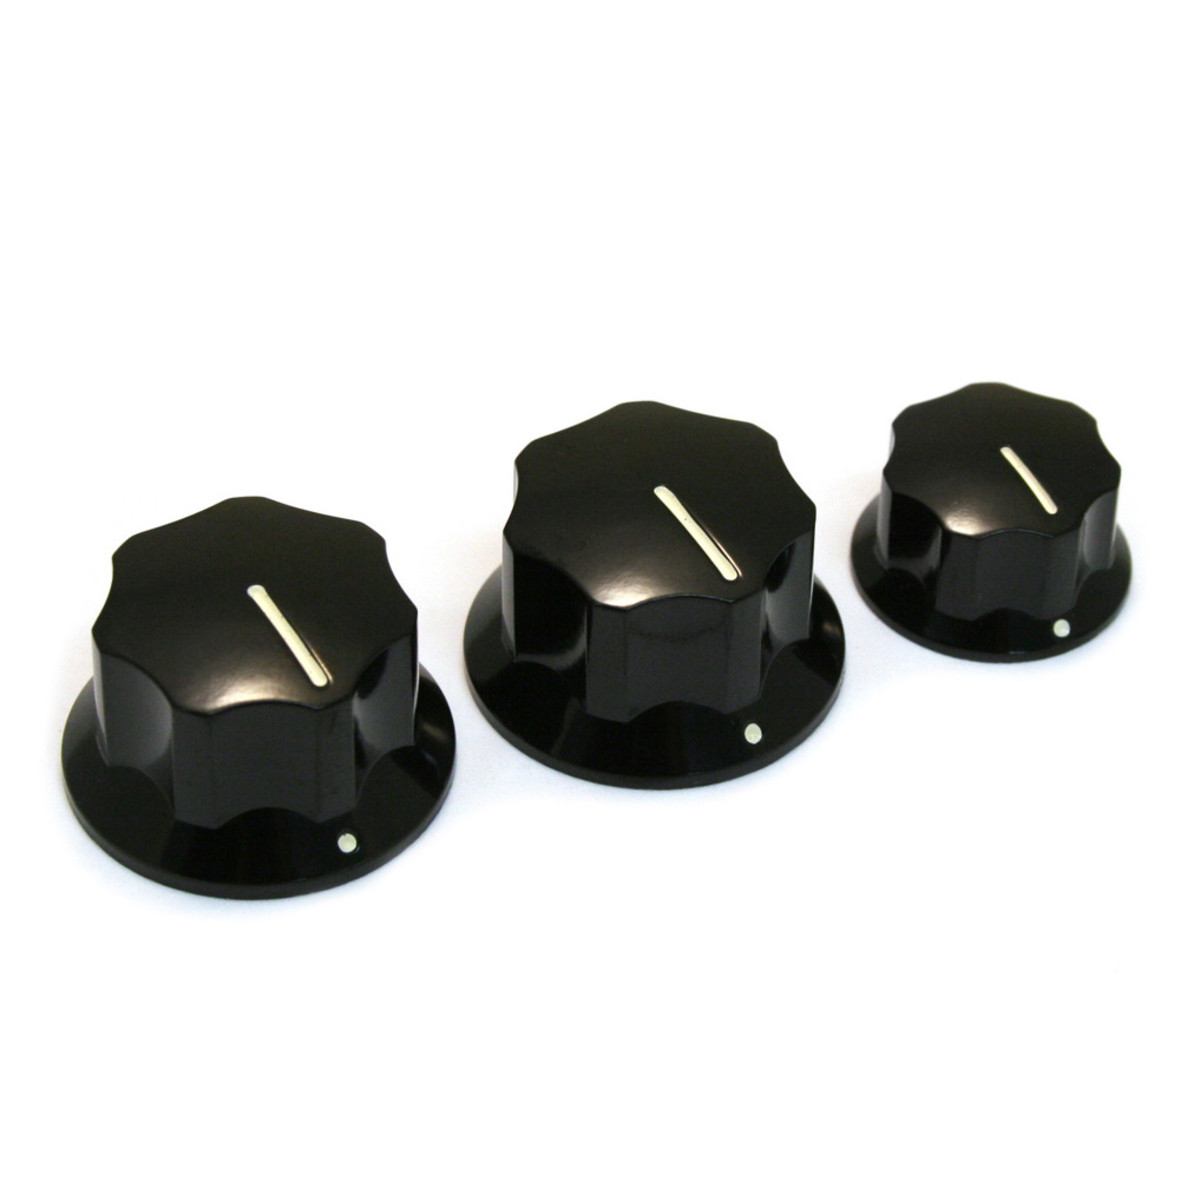 allparts knob set for jazz bass black at. Black Bedroom Furniture Sets. Home Design Ideas